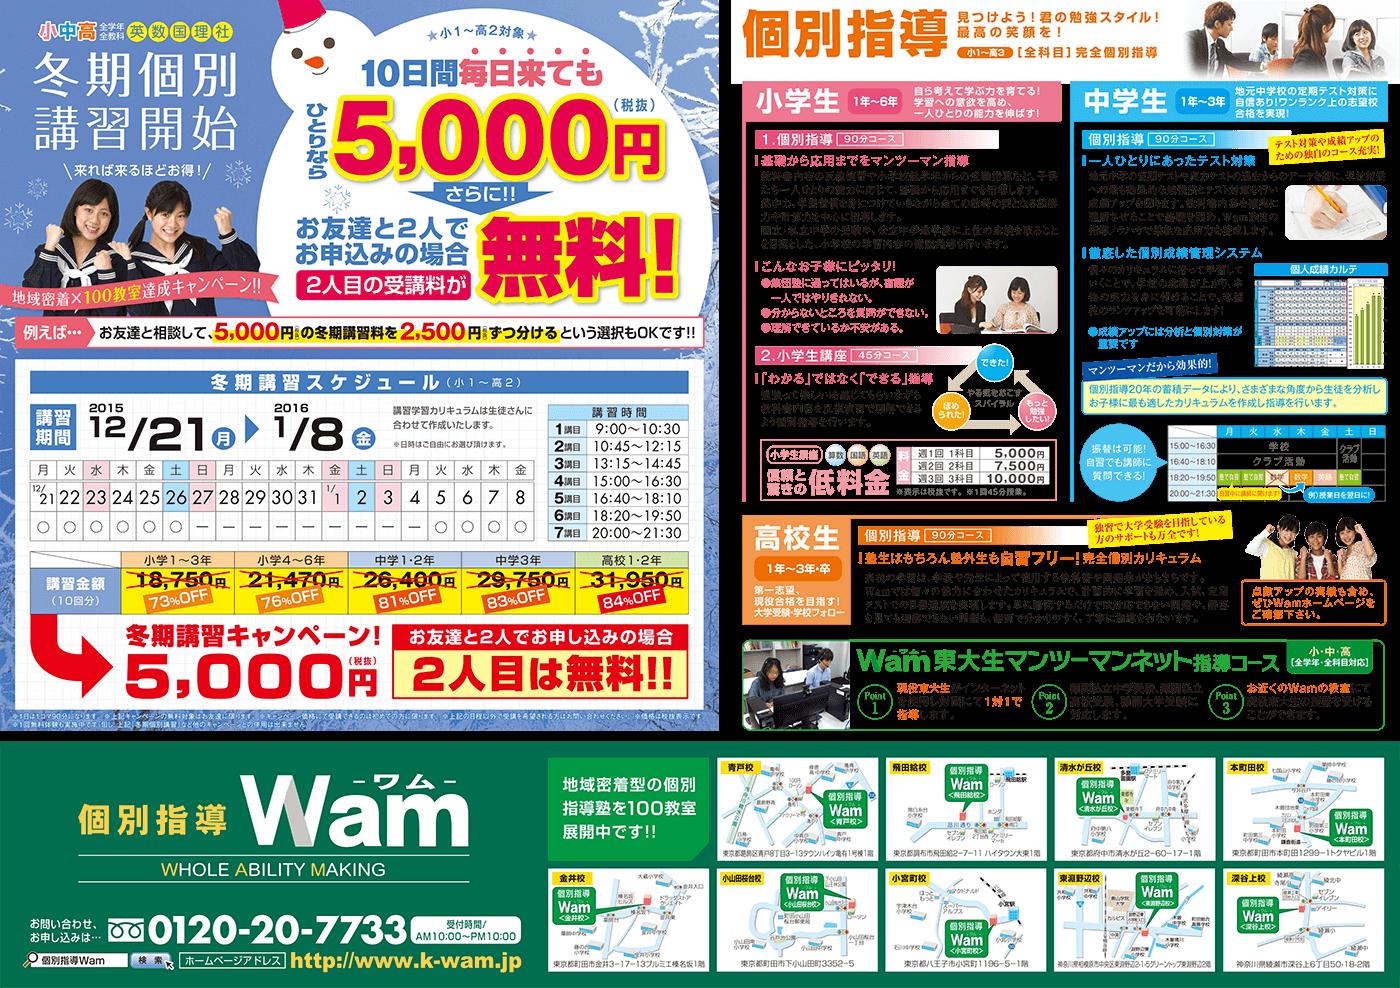 2015年冬期講習 東京・ウラ面